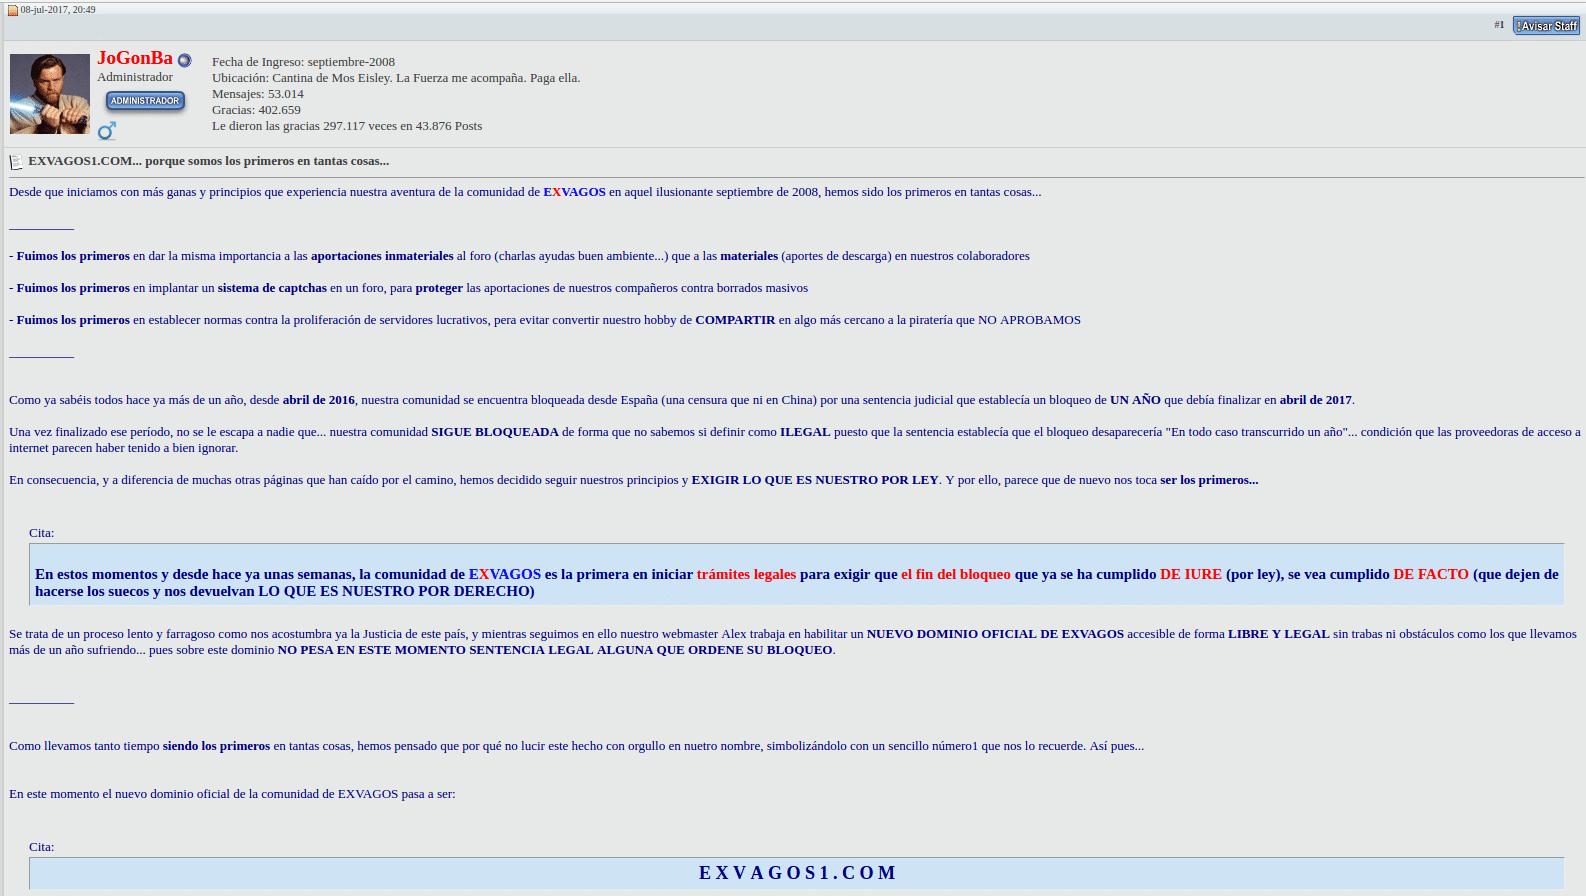 comunicado de exvagos1.com